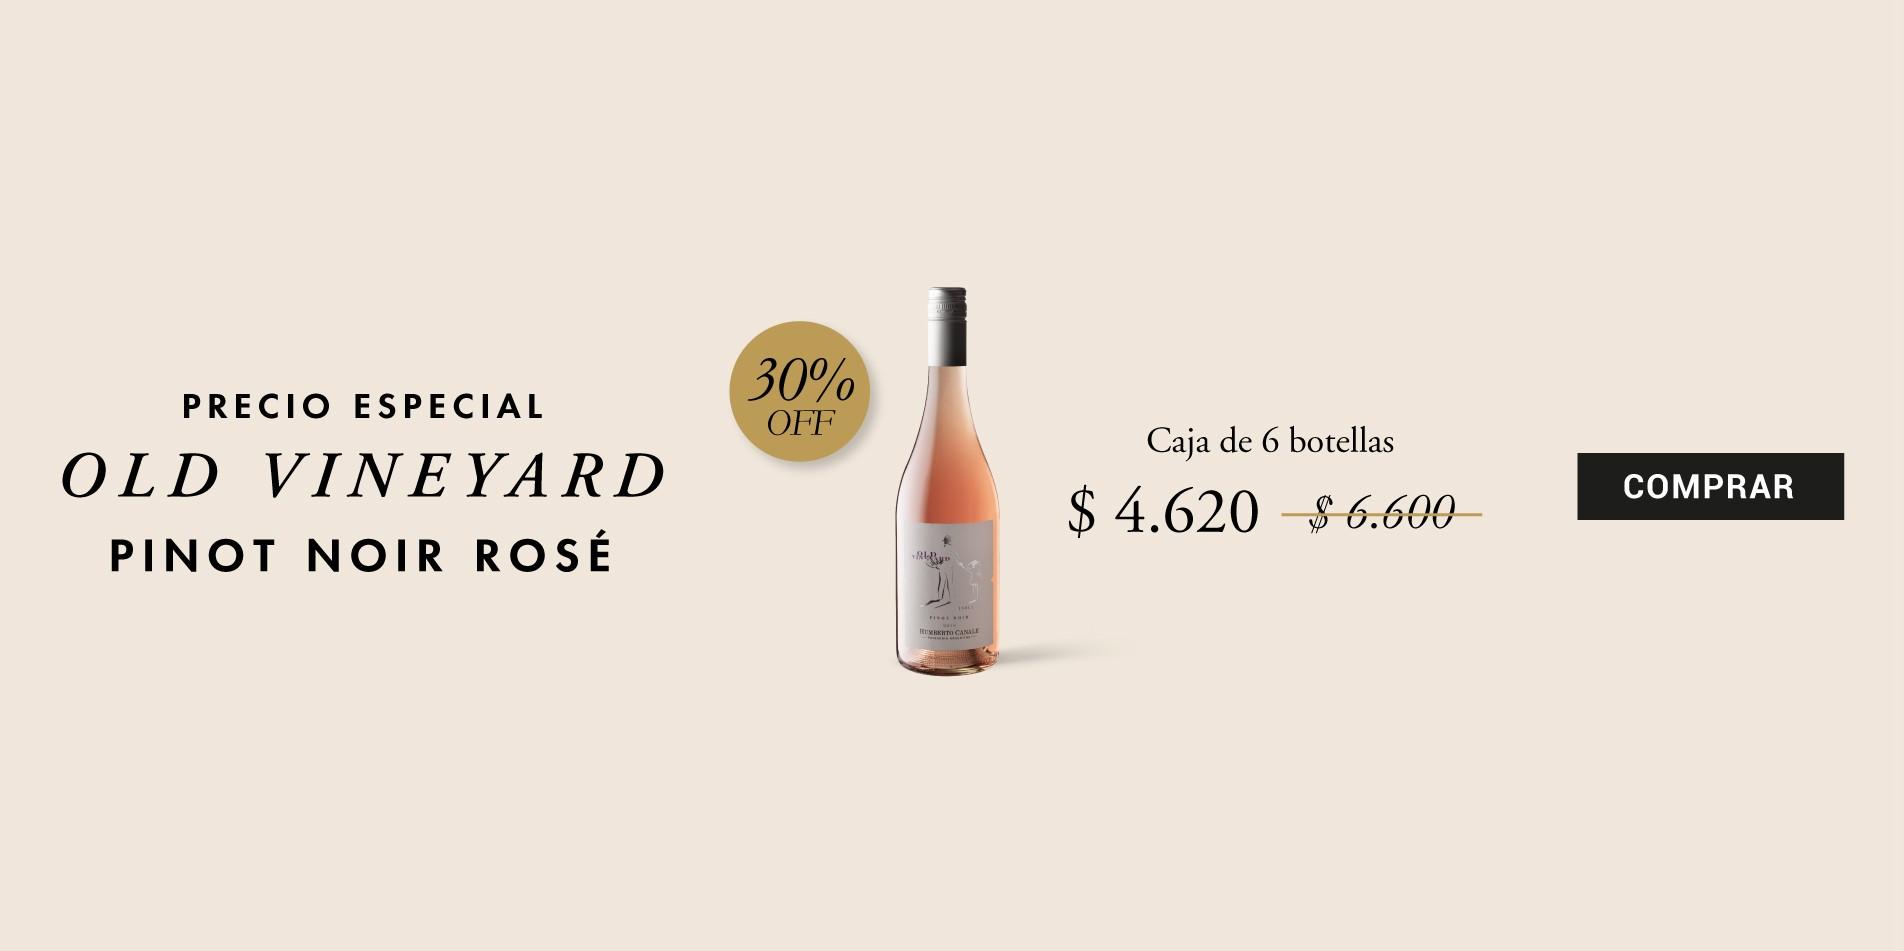 Pinot Noir Rosé 30% Off